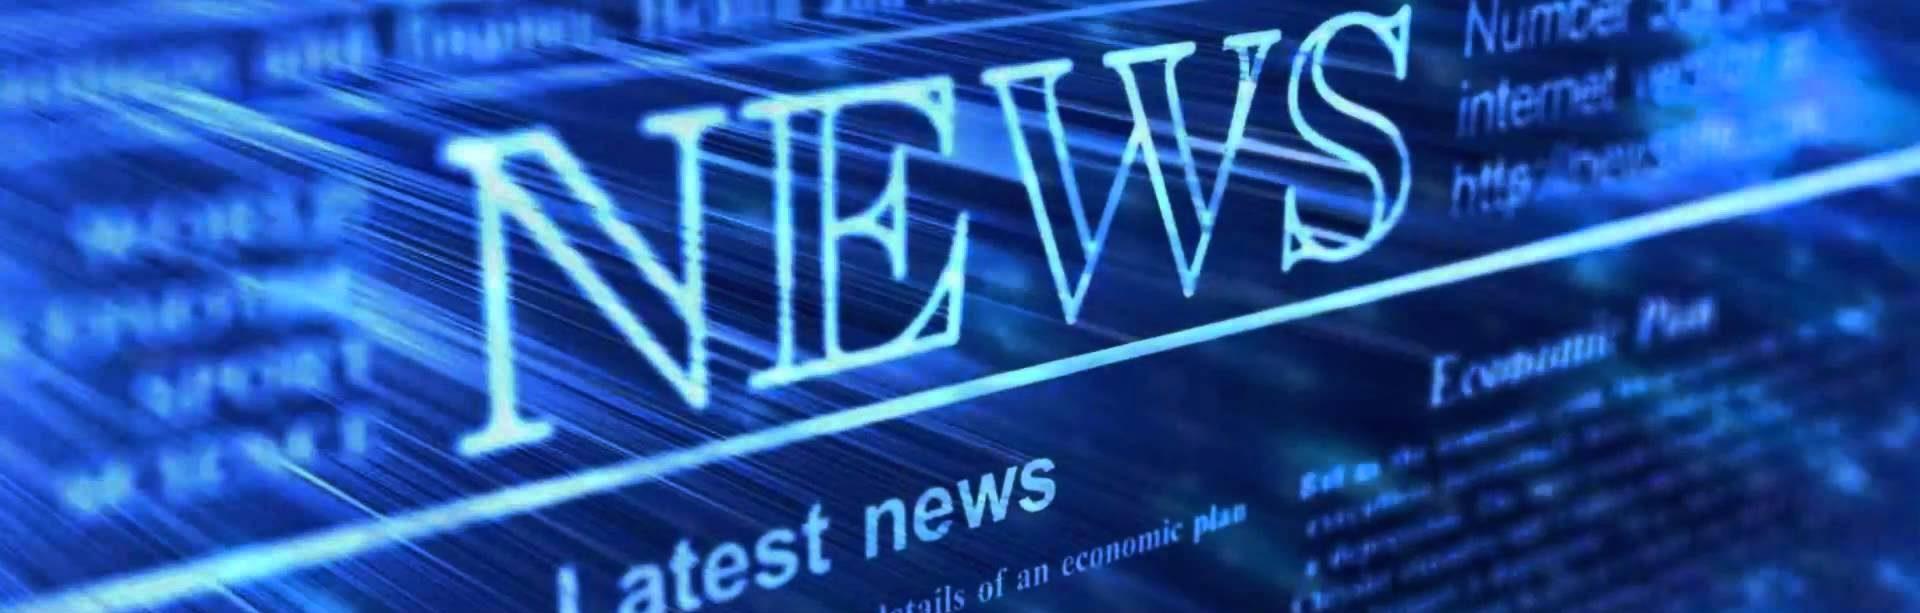 GS news новостной портал